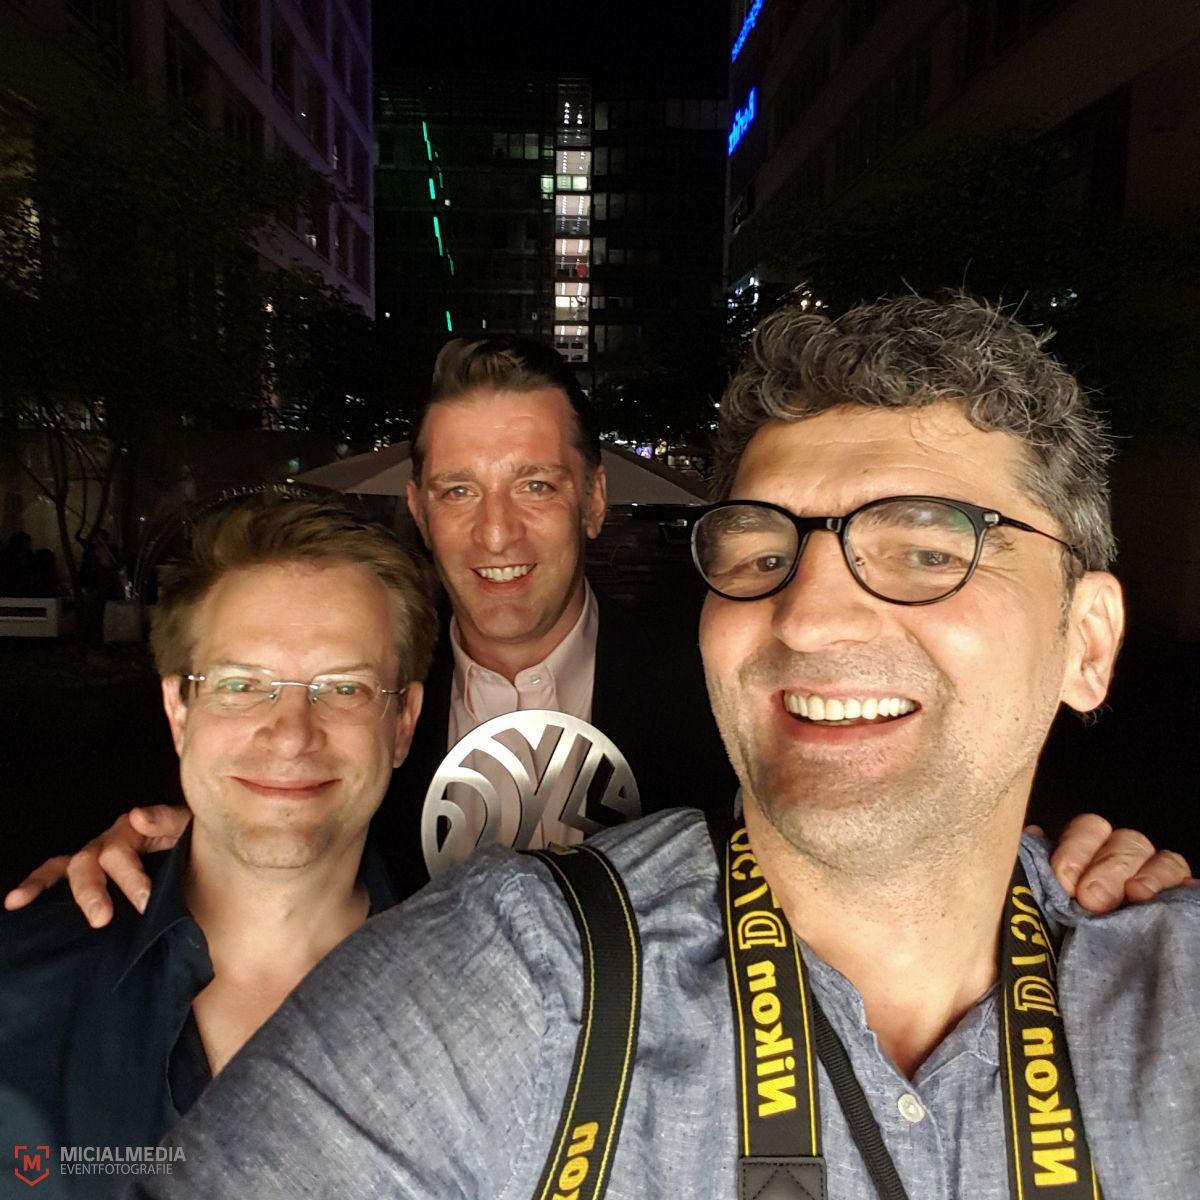 Video Art Award Gewinner & Kurator: Vadim Schäffler (li.) und Leo Kuelbs (Mi.) und der (ebenso) glückliche Fotograf :-) (Selfie)